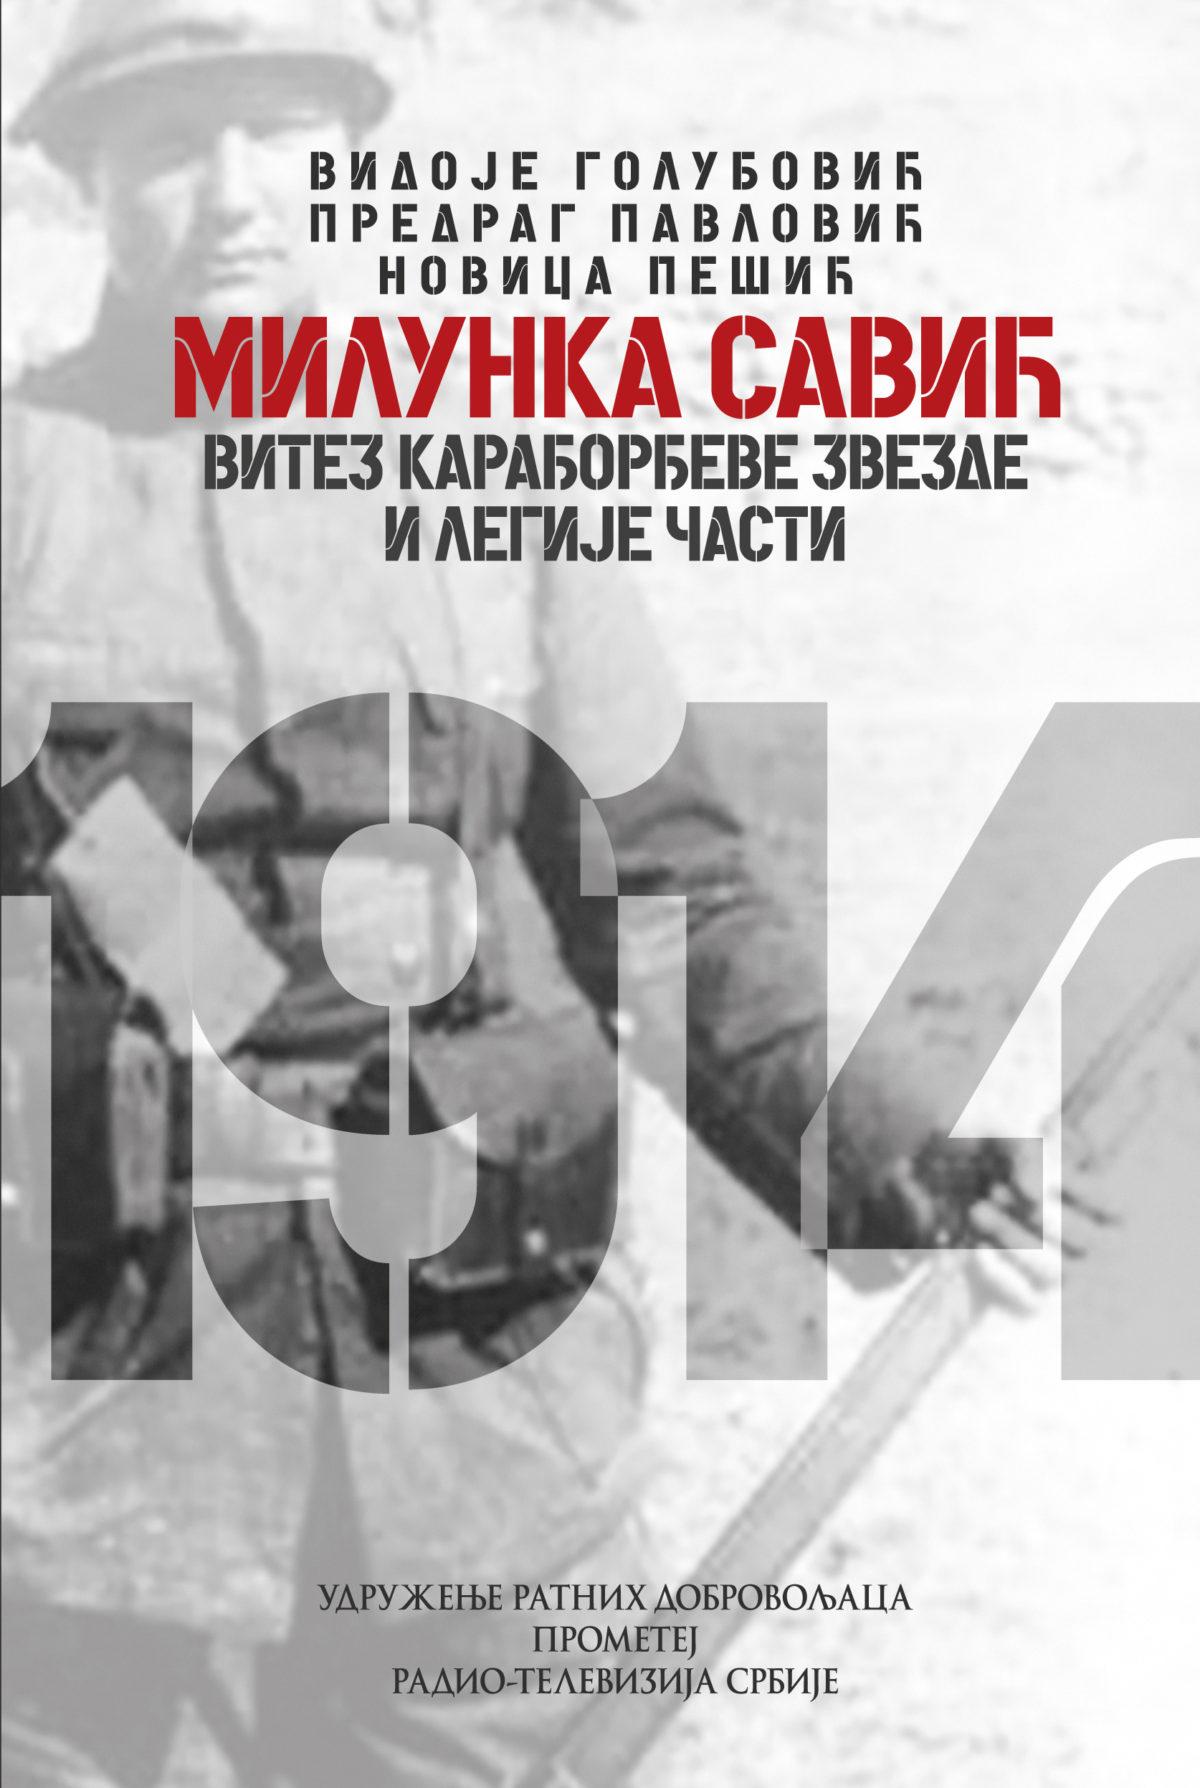 Милунка Савић : Витез Карађорђеве звезде и Легије части